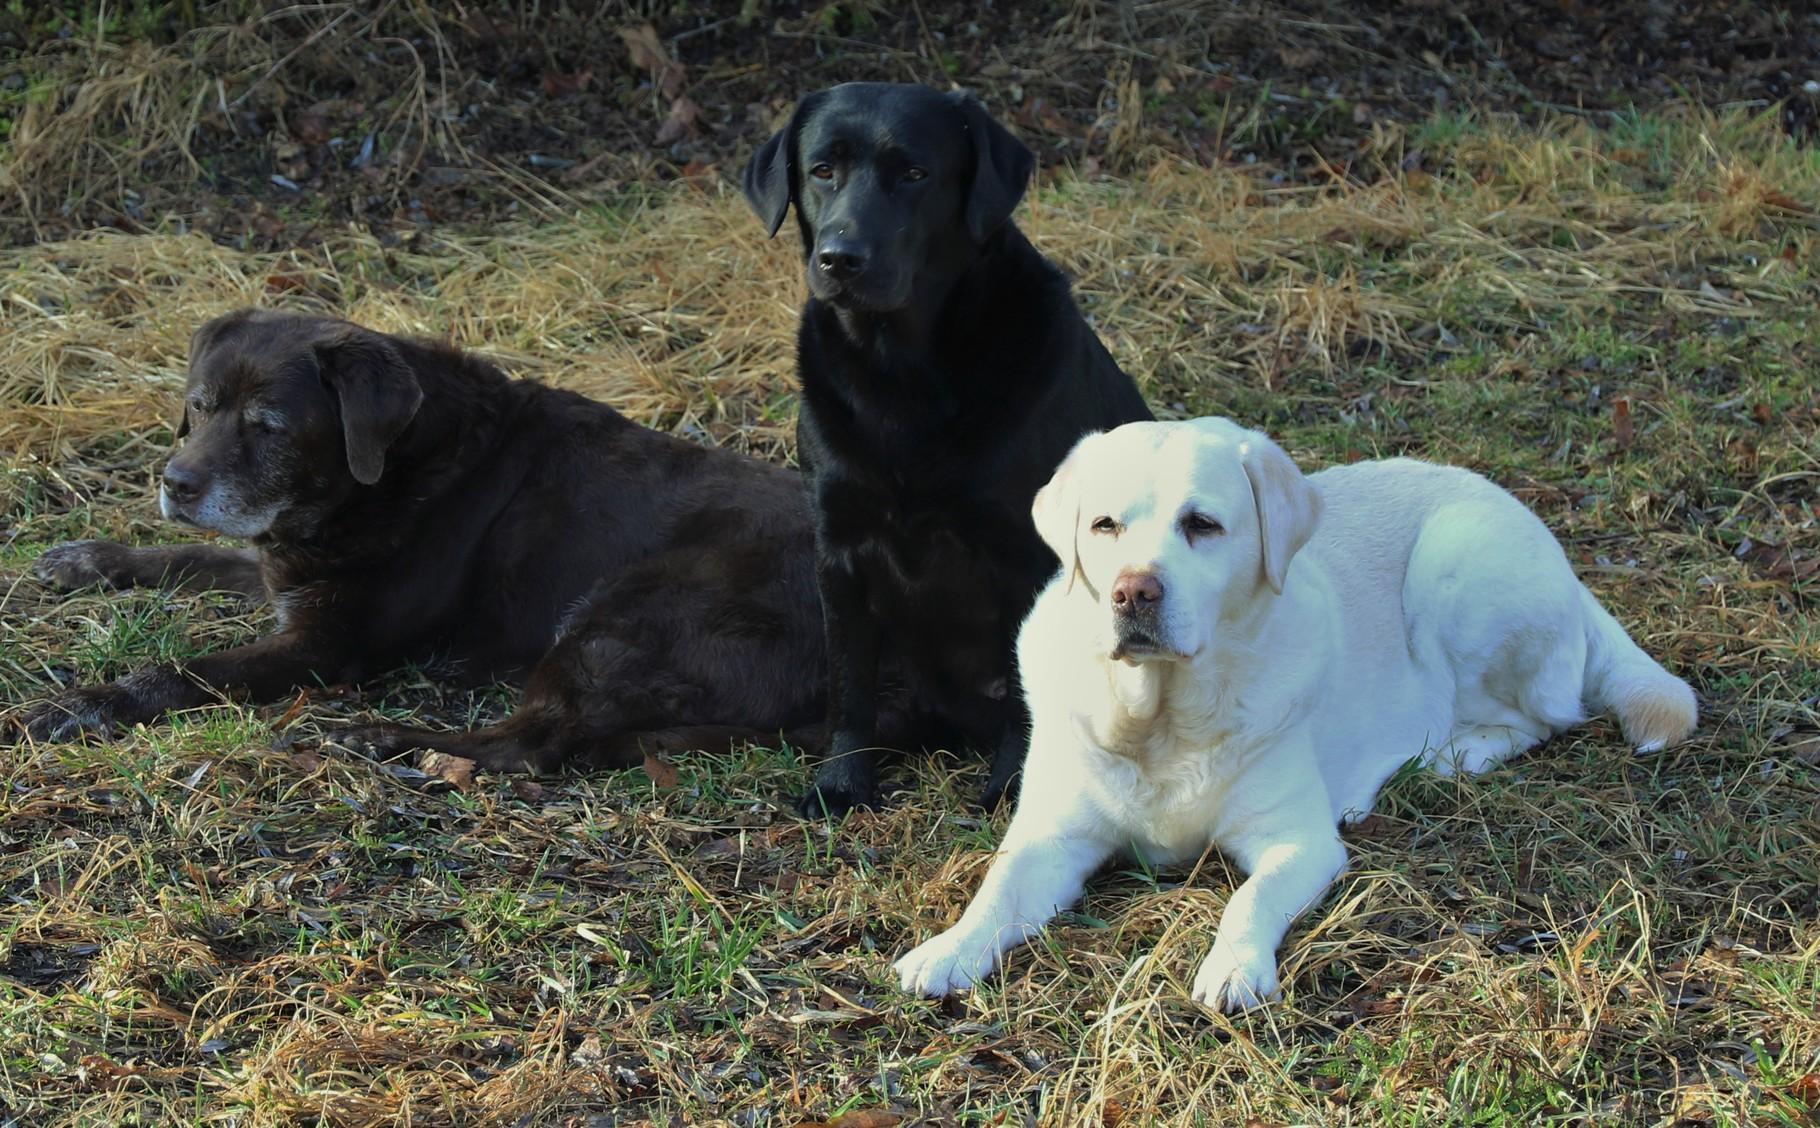 Unsere Drei auf Beobachtungsposten beim Apportieren